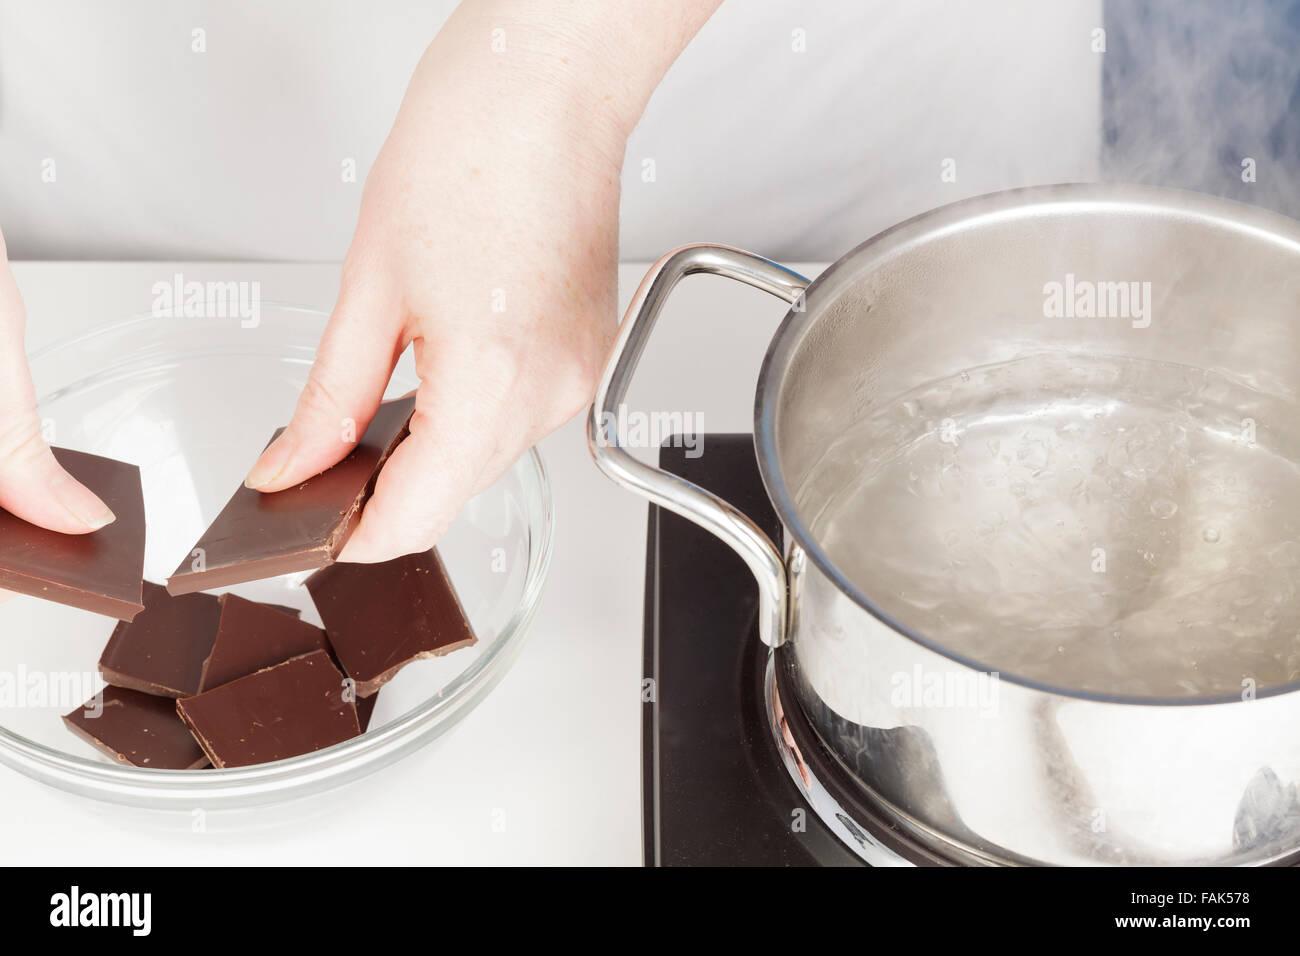 Romper el chocolate para derretir en baño maría Imagen De Stock